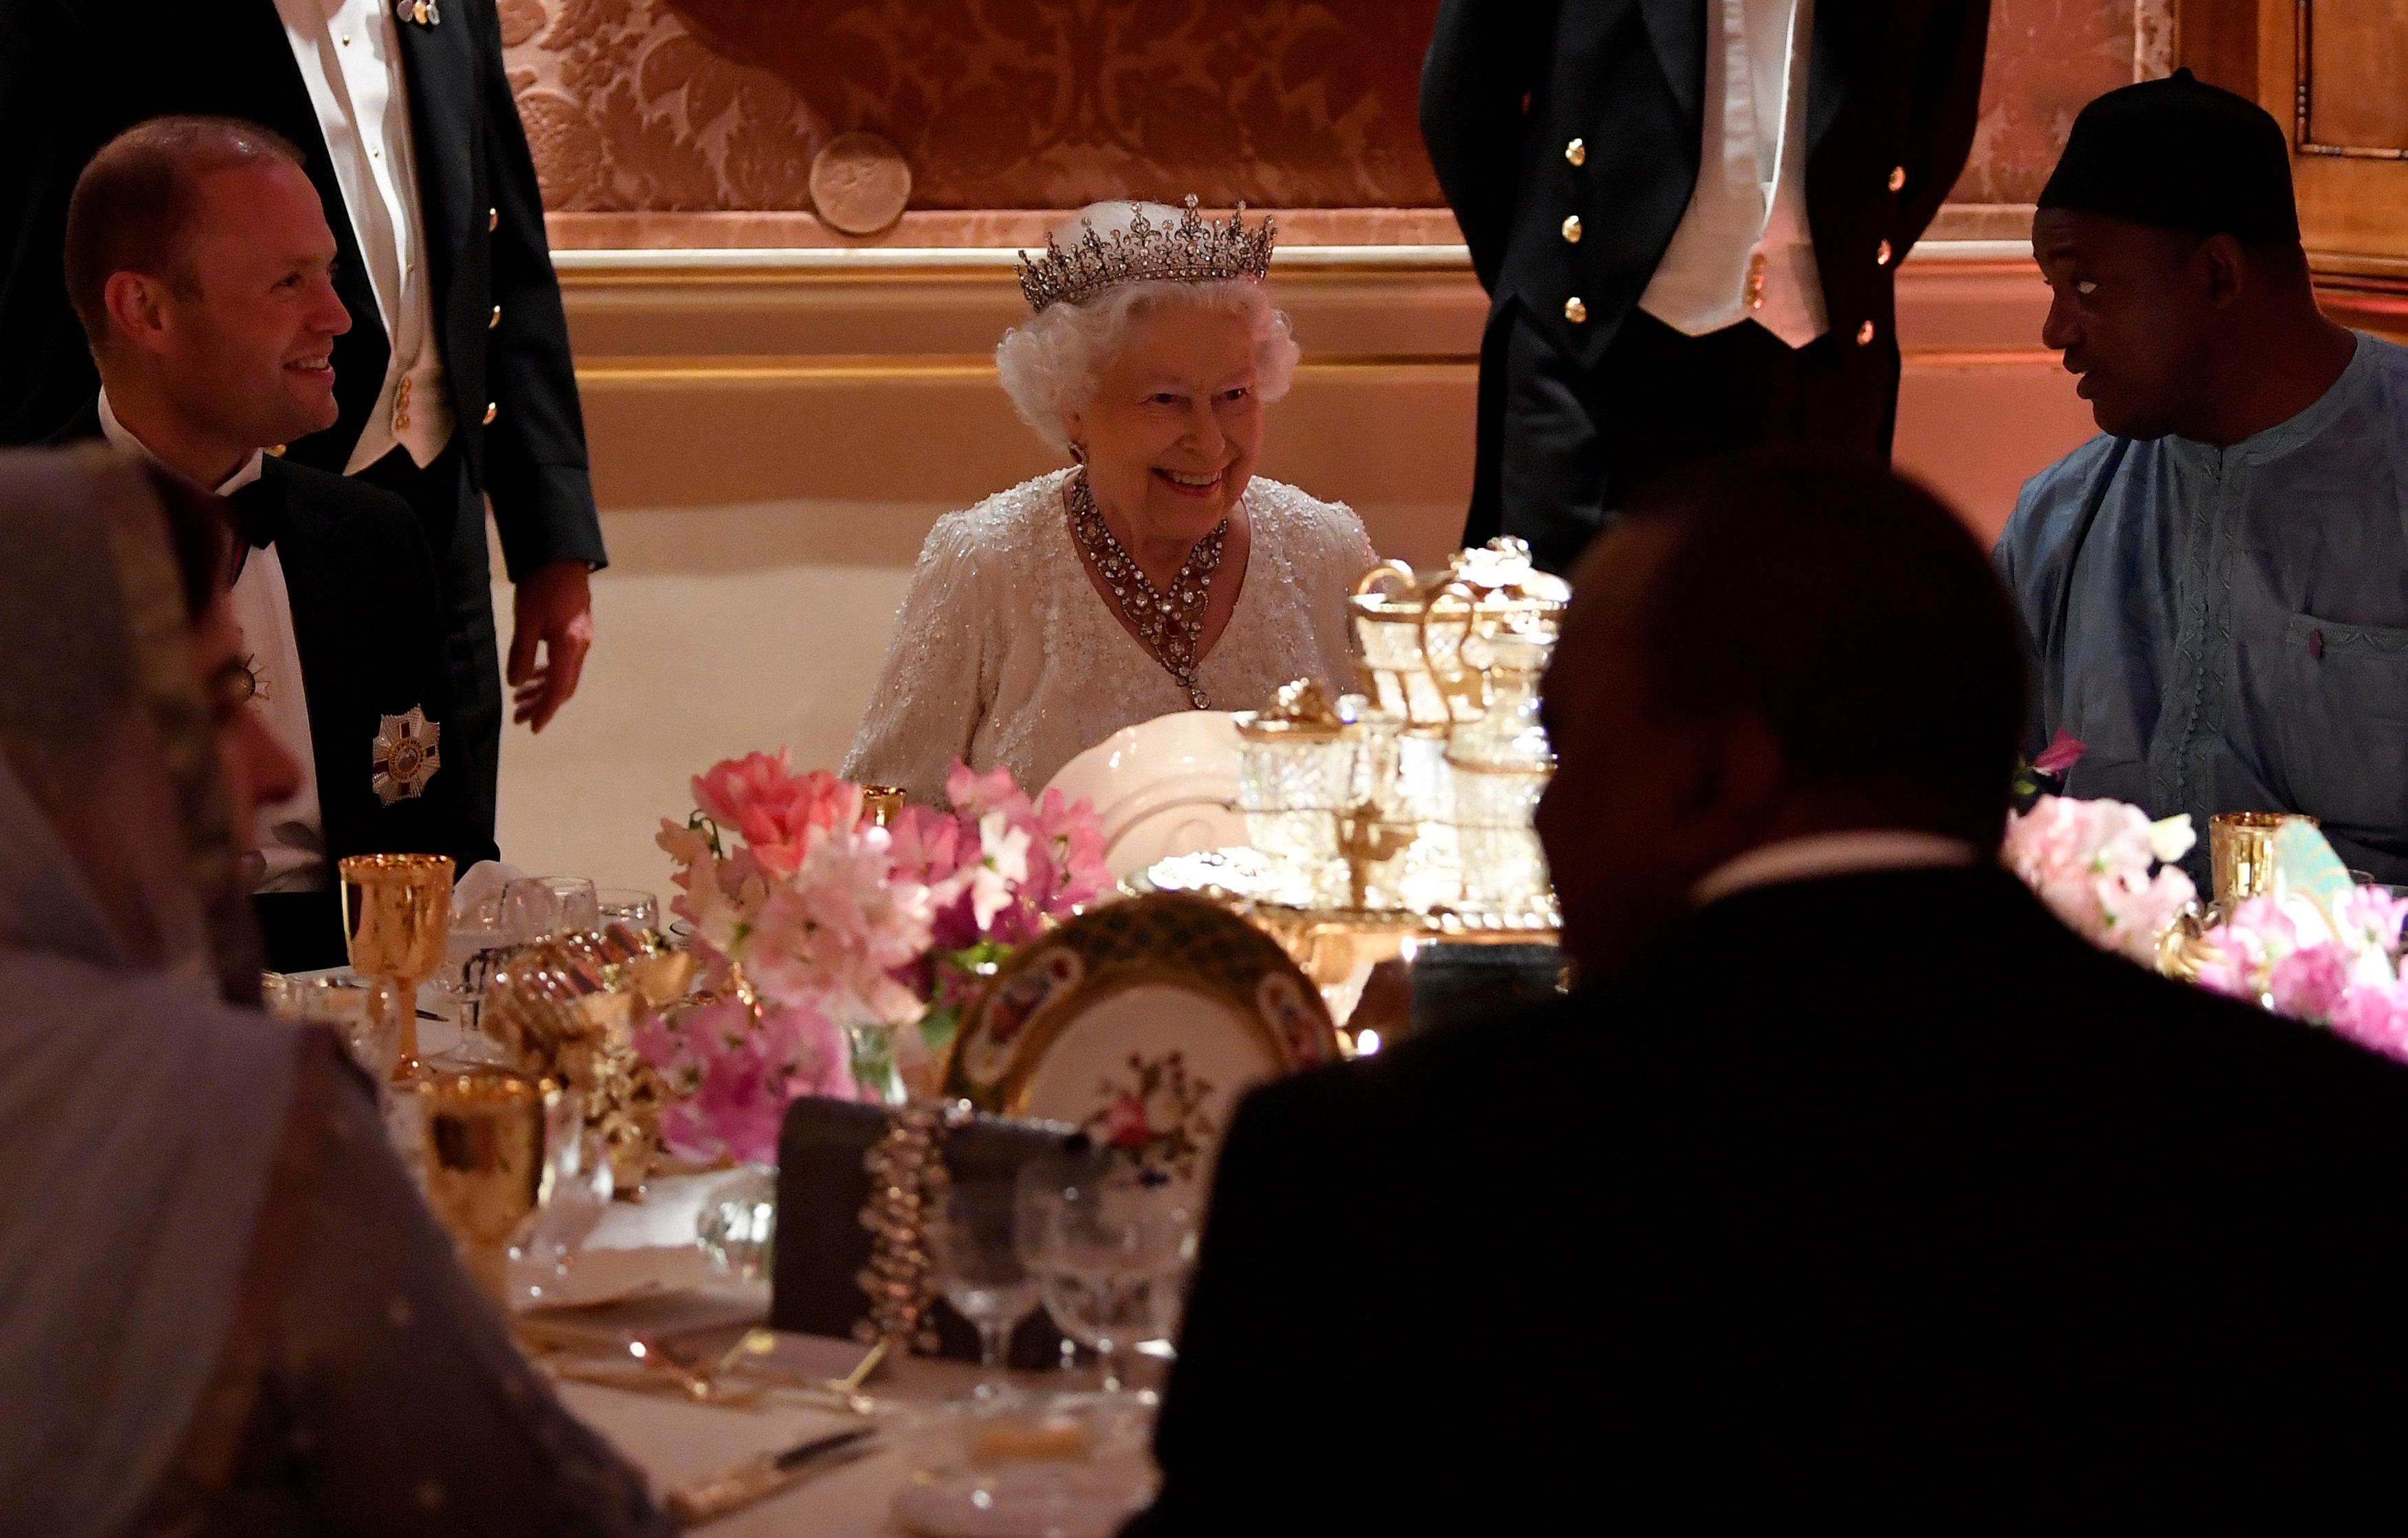 <p><strong>6. Малко беседа на изкуството</strong></p>  <p>По време на вечеря, дори последователността, с която кралицата общува с гостите, се подчинява на регламенти. И така, първо тя трябва да разговаря с човека, който седи вдясно от нея и едва след като поднесат второто блюдо, шансът да побъбри с Нейно величество се предоставя на седящия вляво.</p>